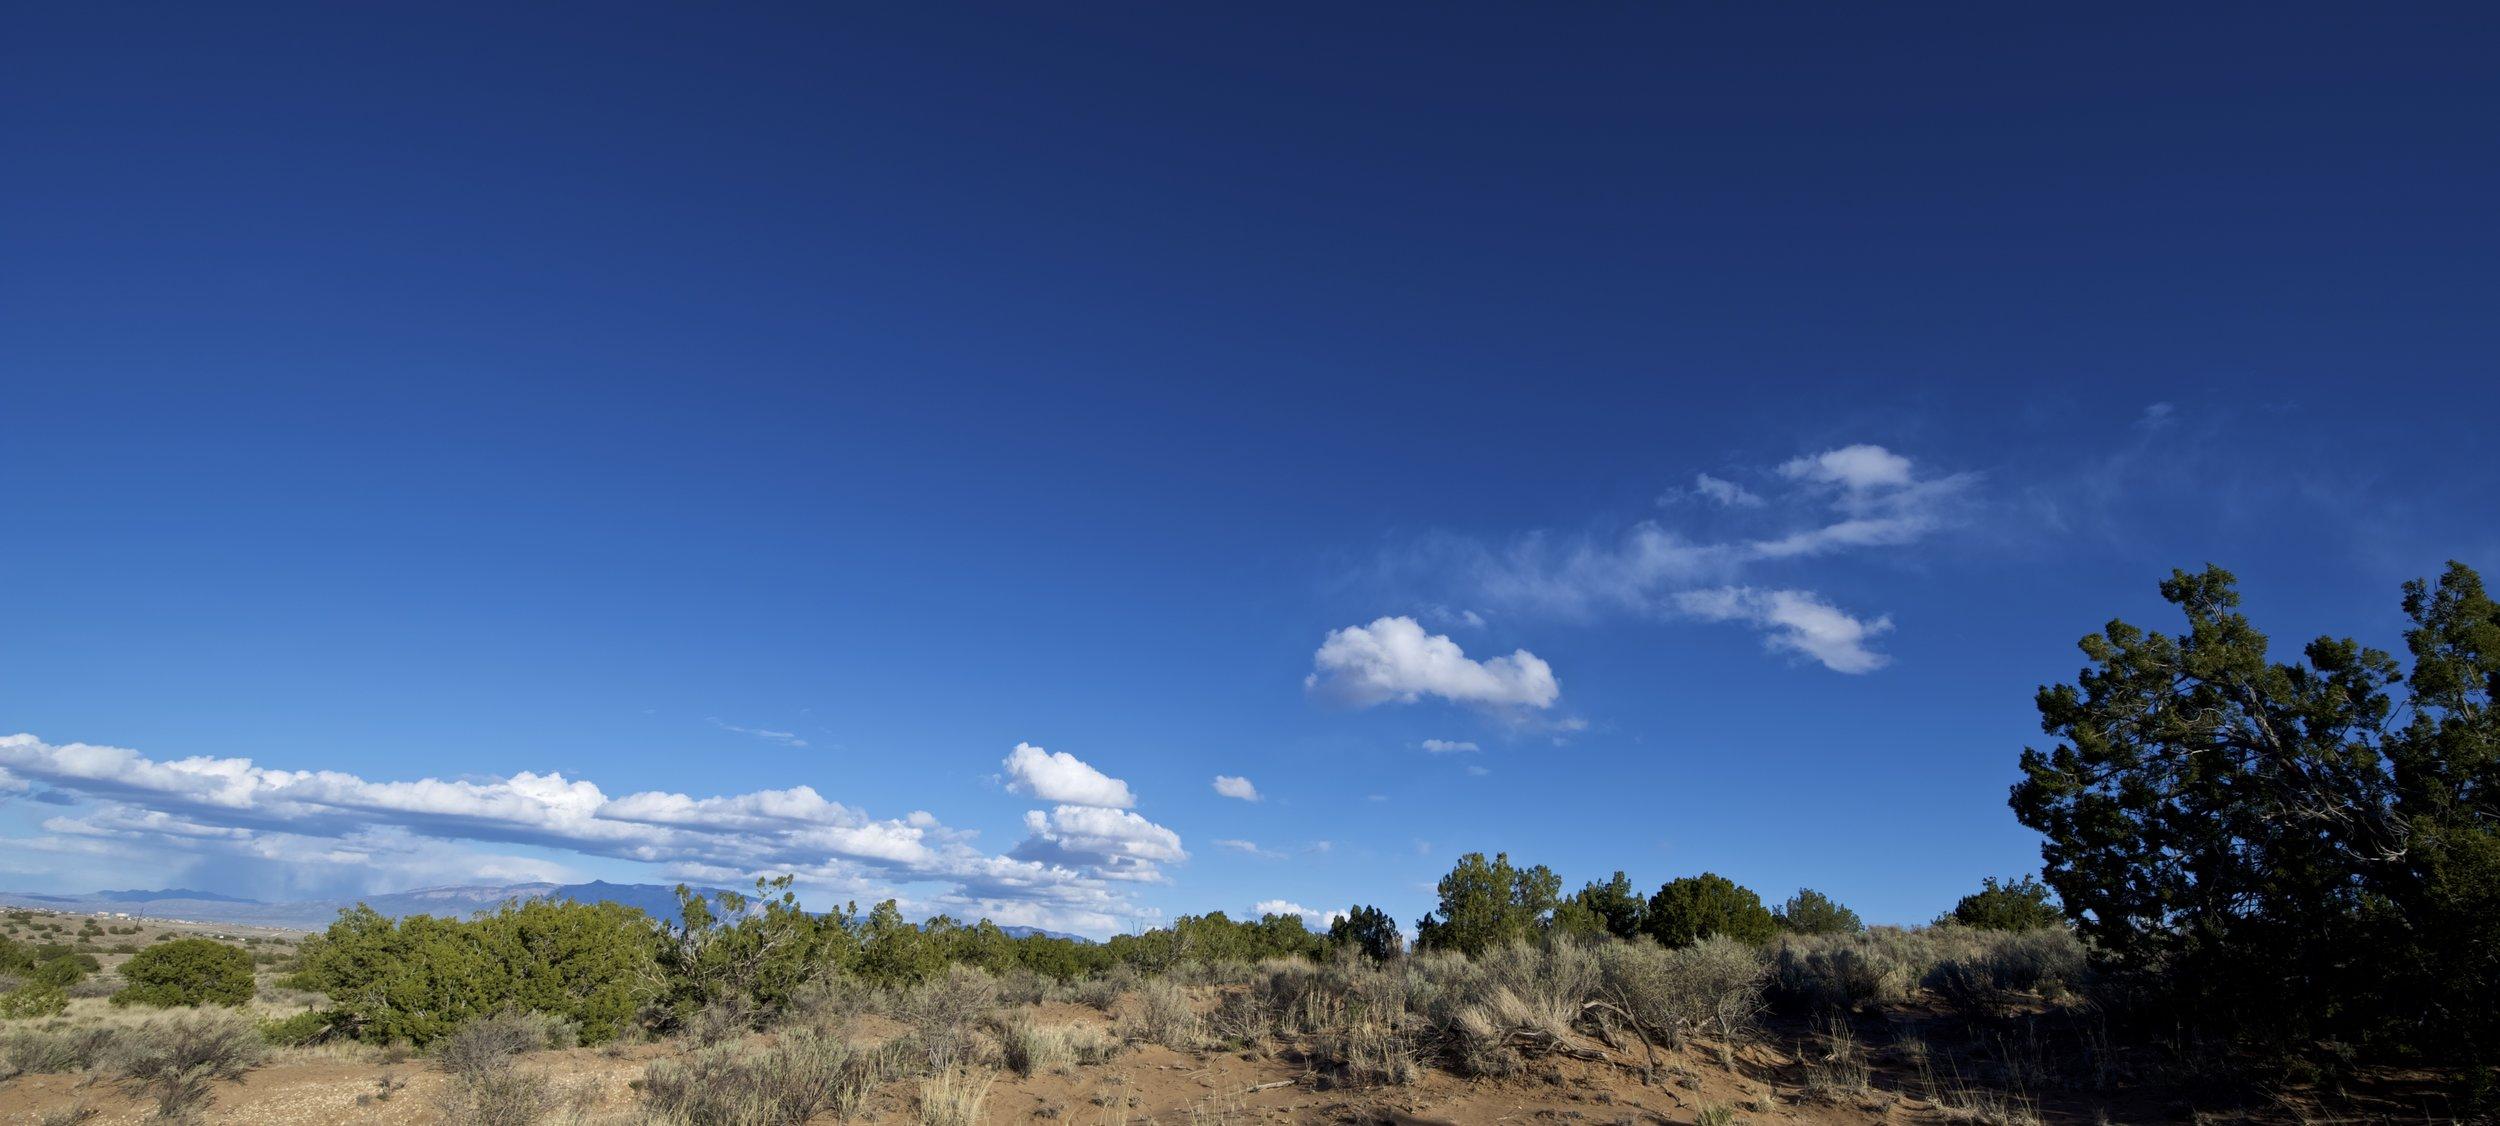 SNNM-2231-rio-rancho-125670.jpg